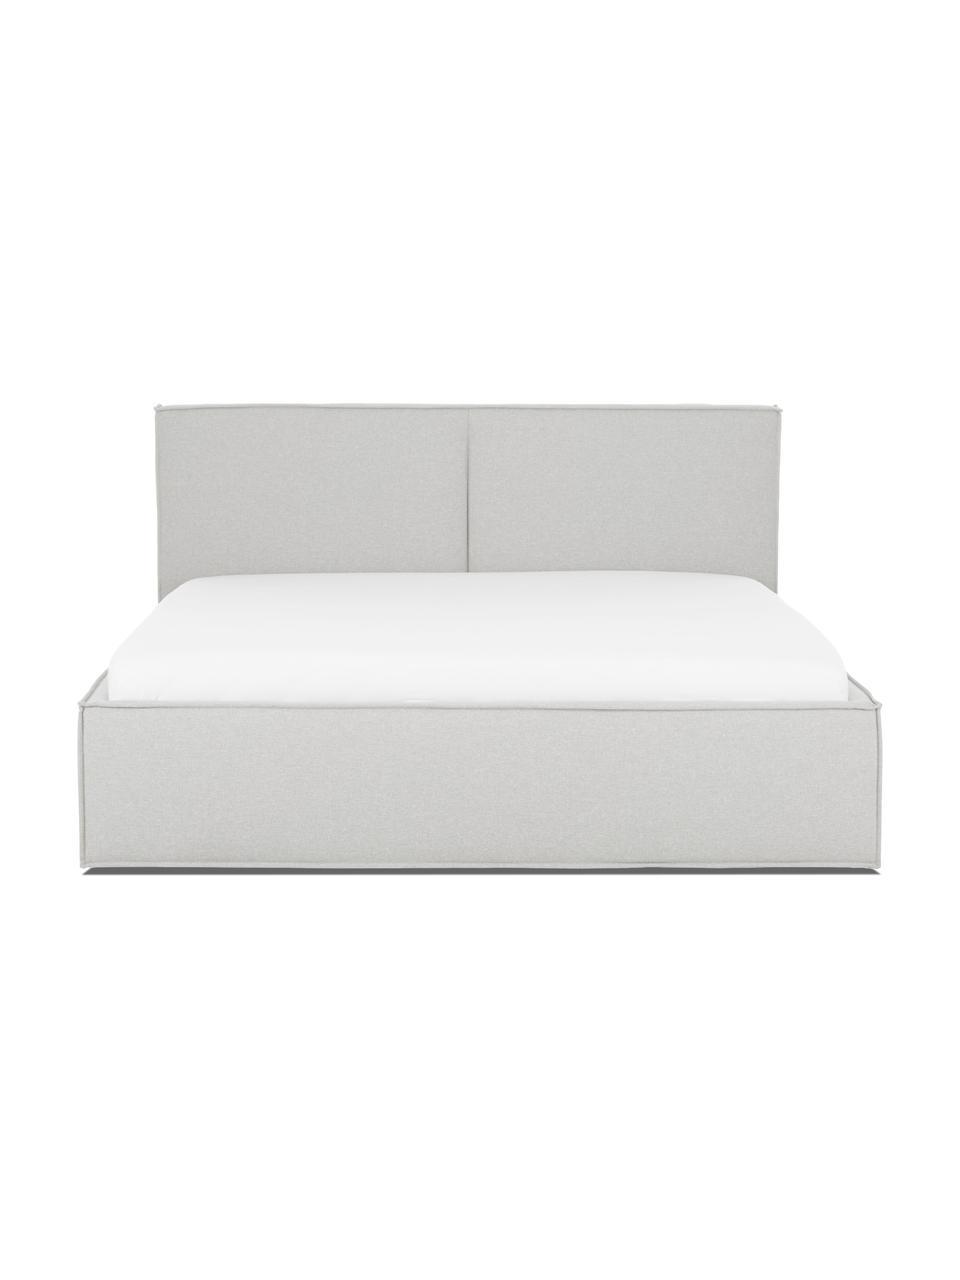 Letto imbottito in tessuto grigio chiaro con contenitore Dream, Rivestimento: 100% poliestere Il rivest, Tessuto grigio chiaro, 180 x 200 cm